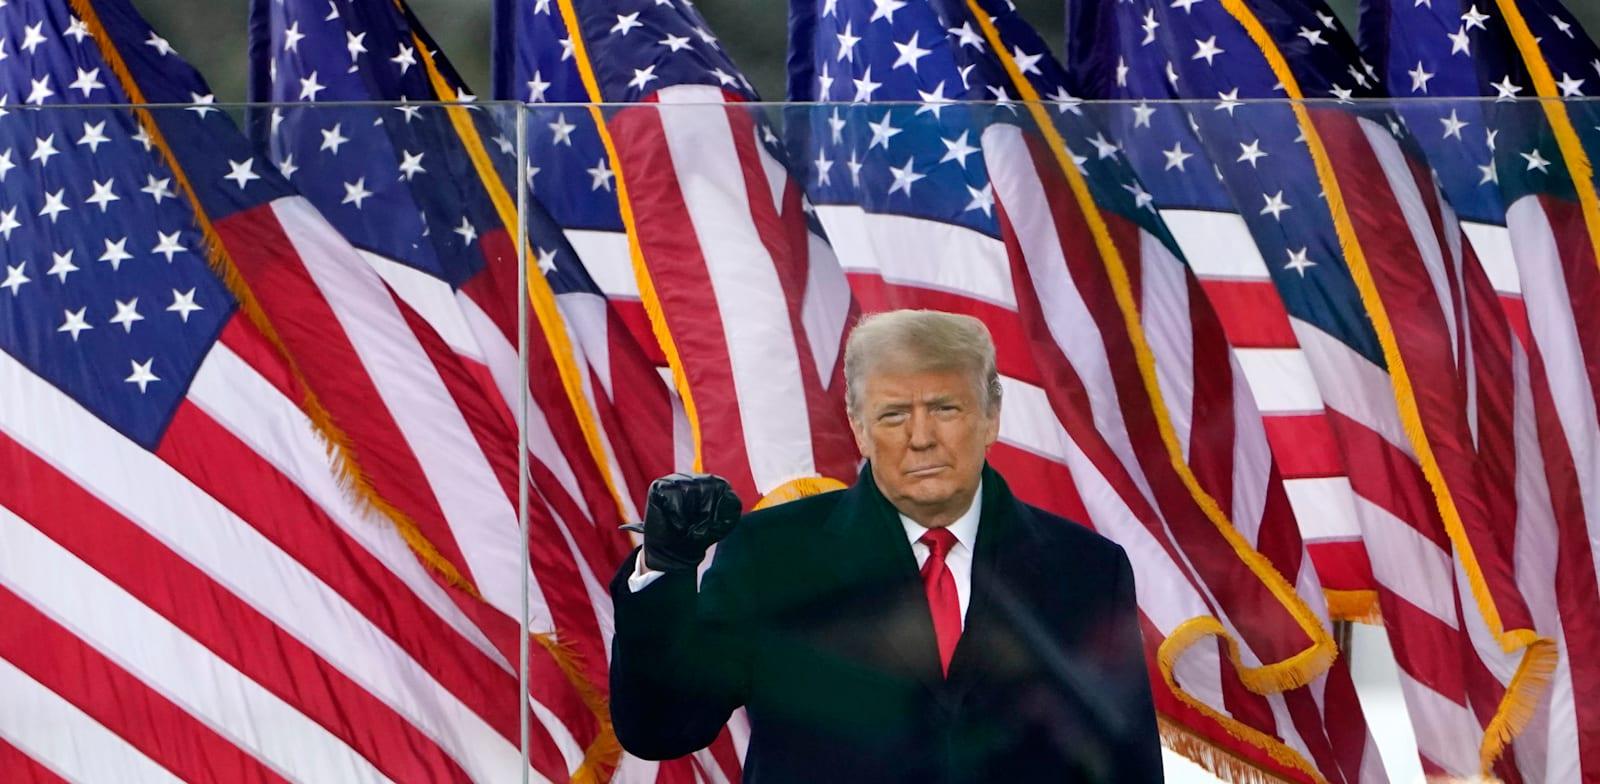 דונלד טראמפ בעצרת שקדמה למהומות בוושינגטון / צילום: Associated Press, Jacquelyn Martin